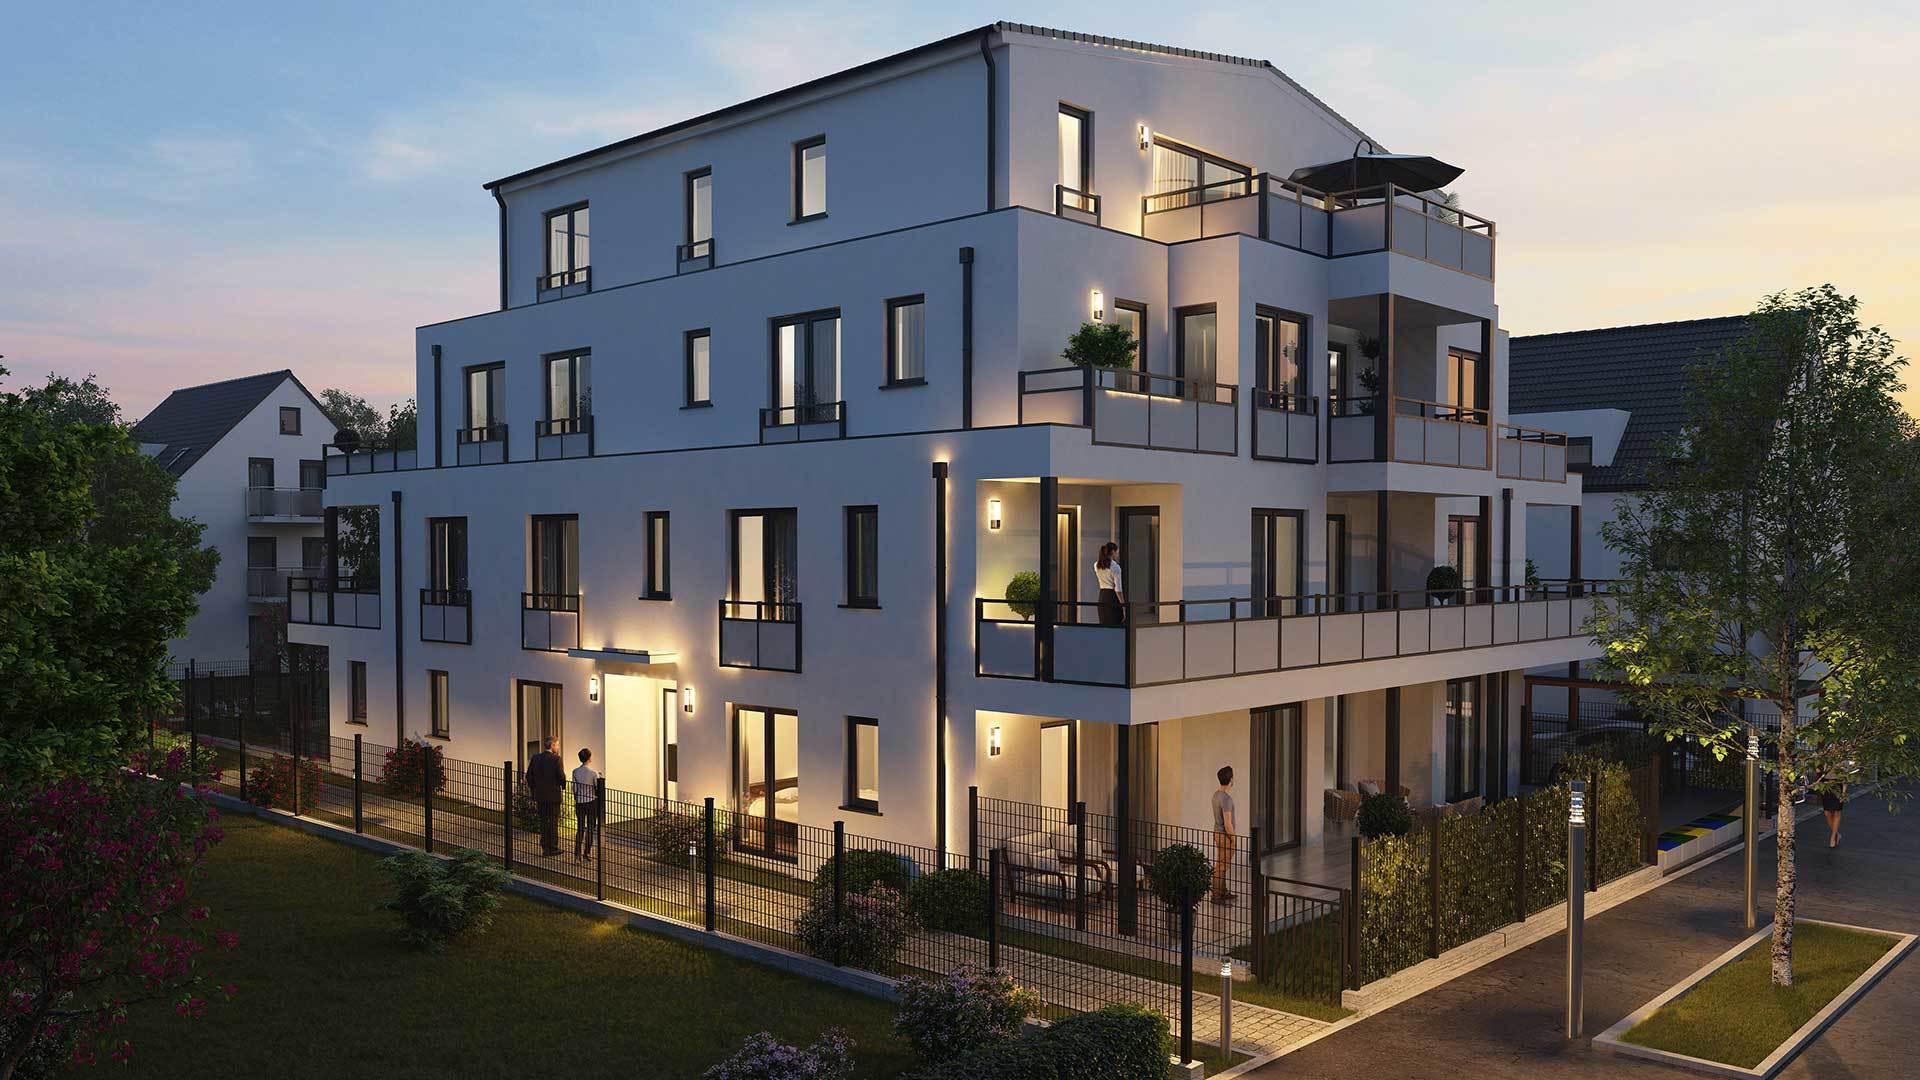 Stille-Immobilien-Uerdinger-Str.-790-Ideal-für-Senioren-Moderne-Gartenwohnung-7